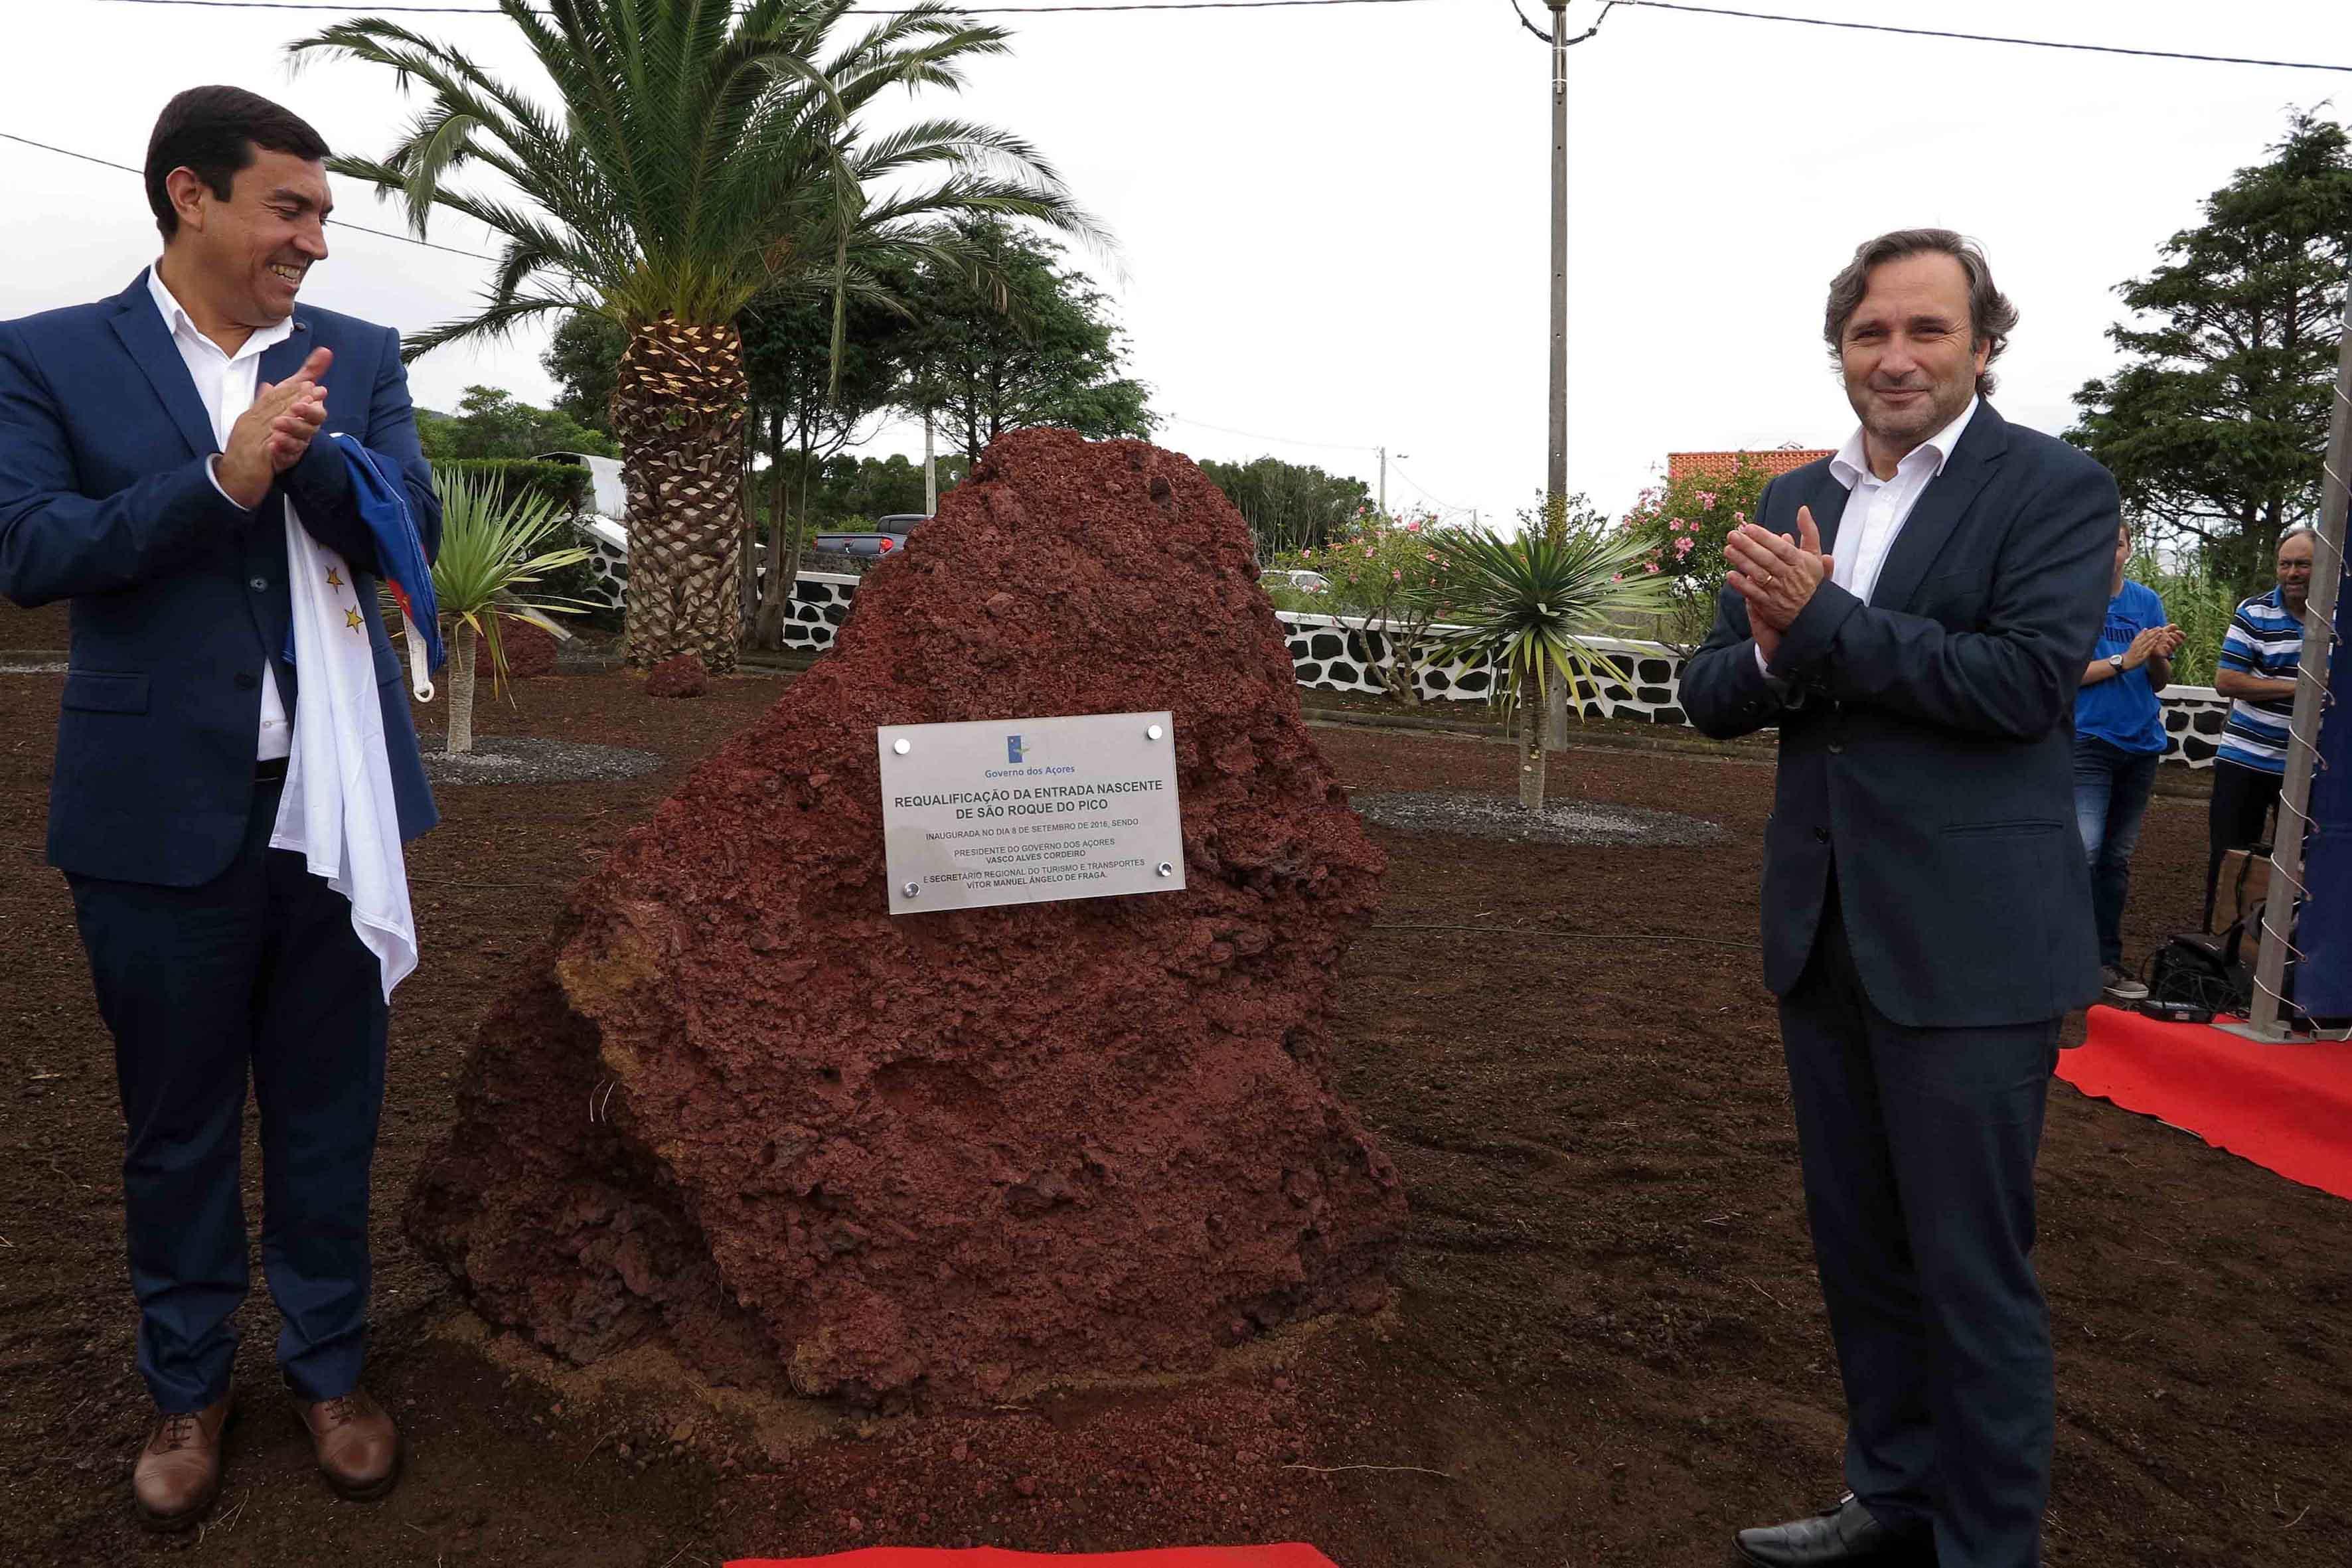 Governo dos Açores investiu 4,5 ME na rede viária do Pico nesta legislatura, afirma Vítor Fraga